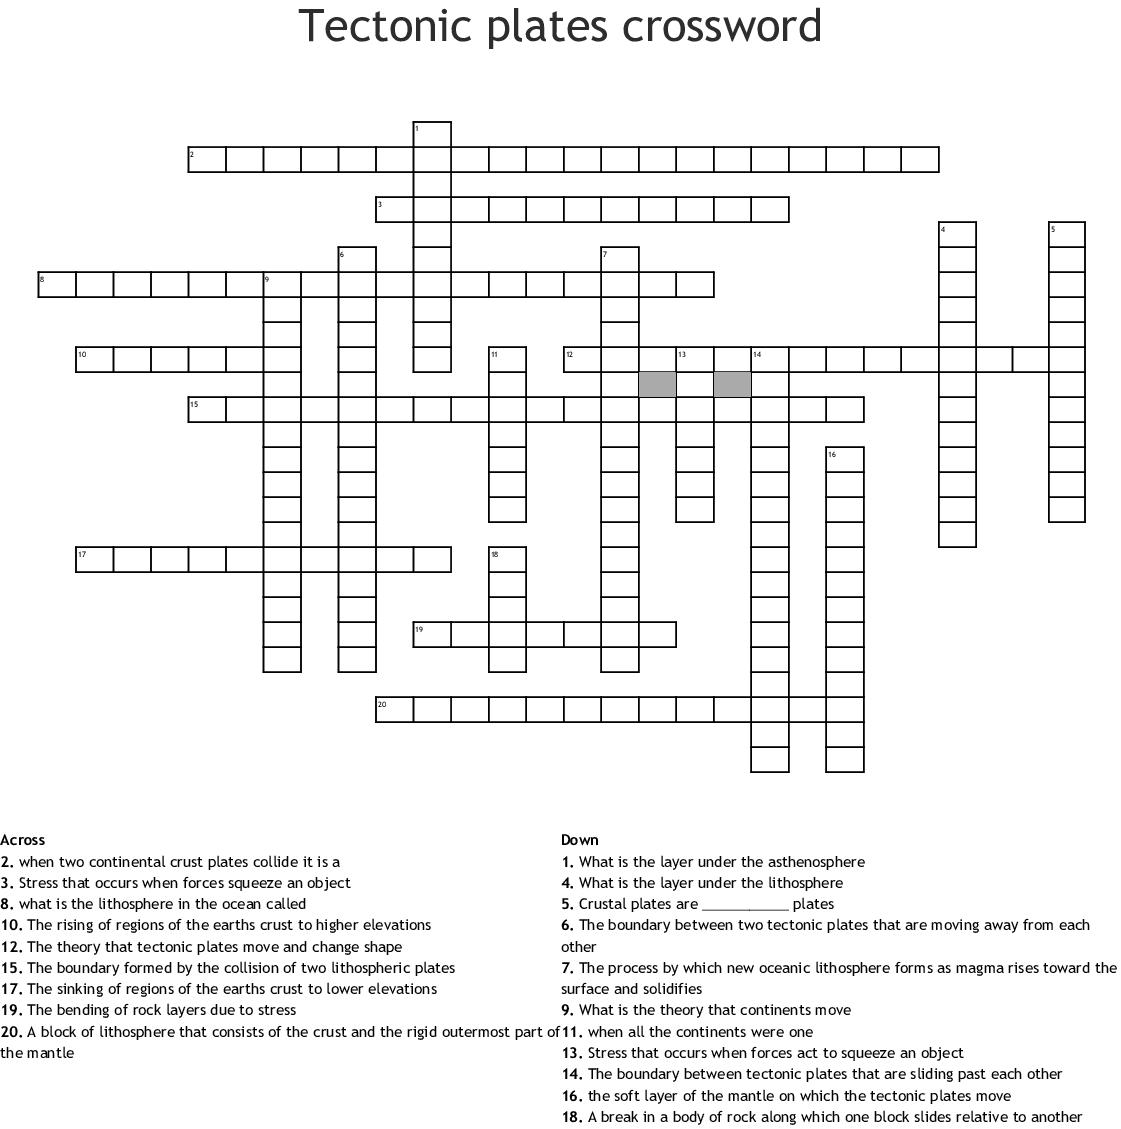 Tectonic Plates Crossword